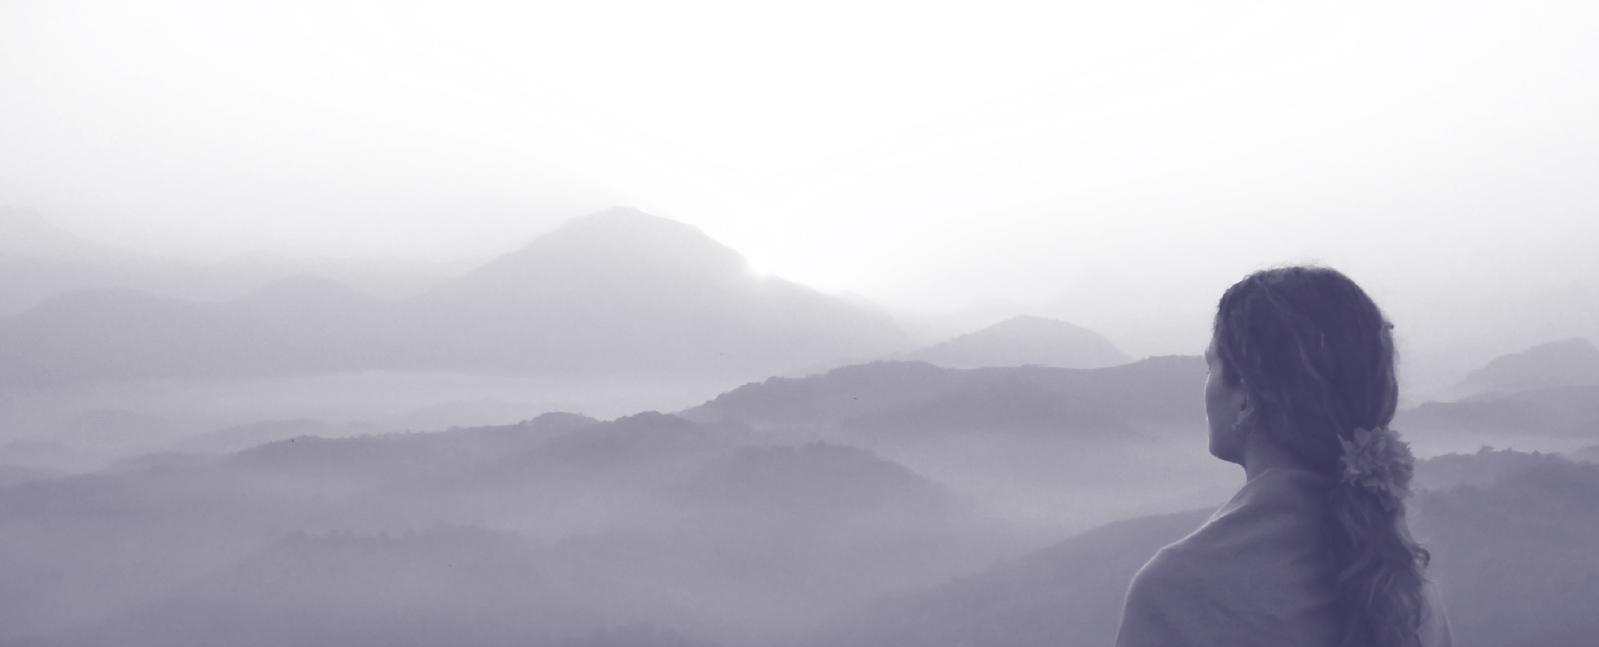 berg-blå-beskärd